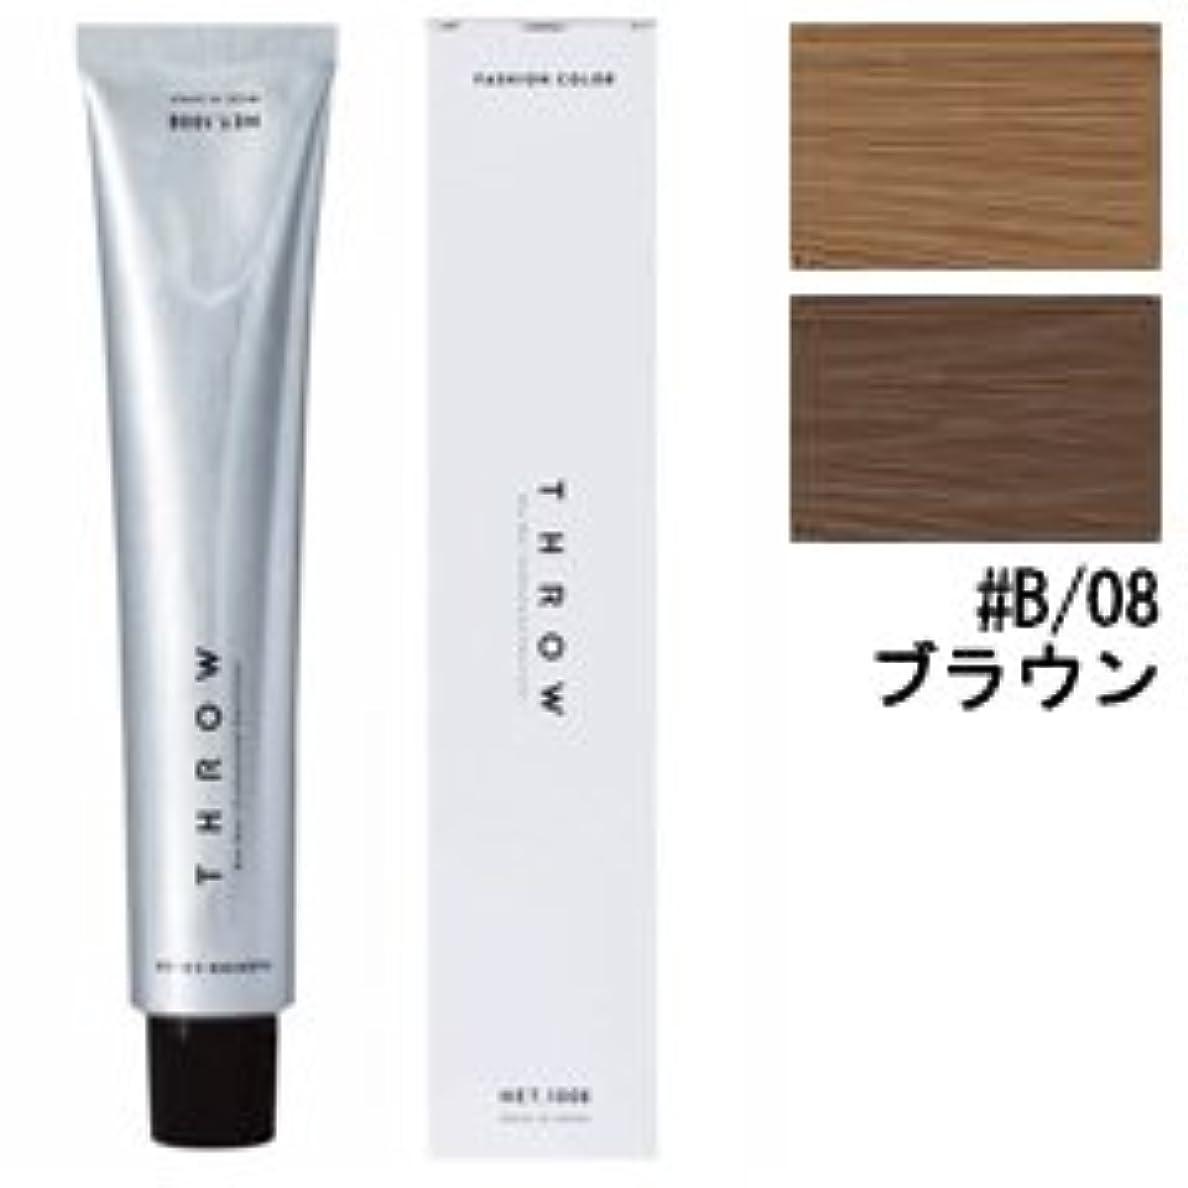 甘美な緑ラフト【モルトベーネ】スロウ ファッションカラー #B/08 ブラウン 100g